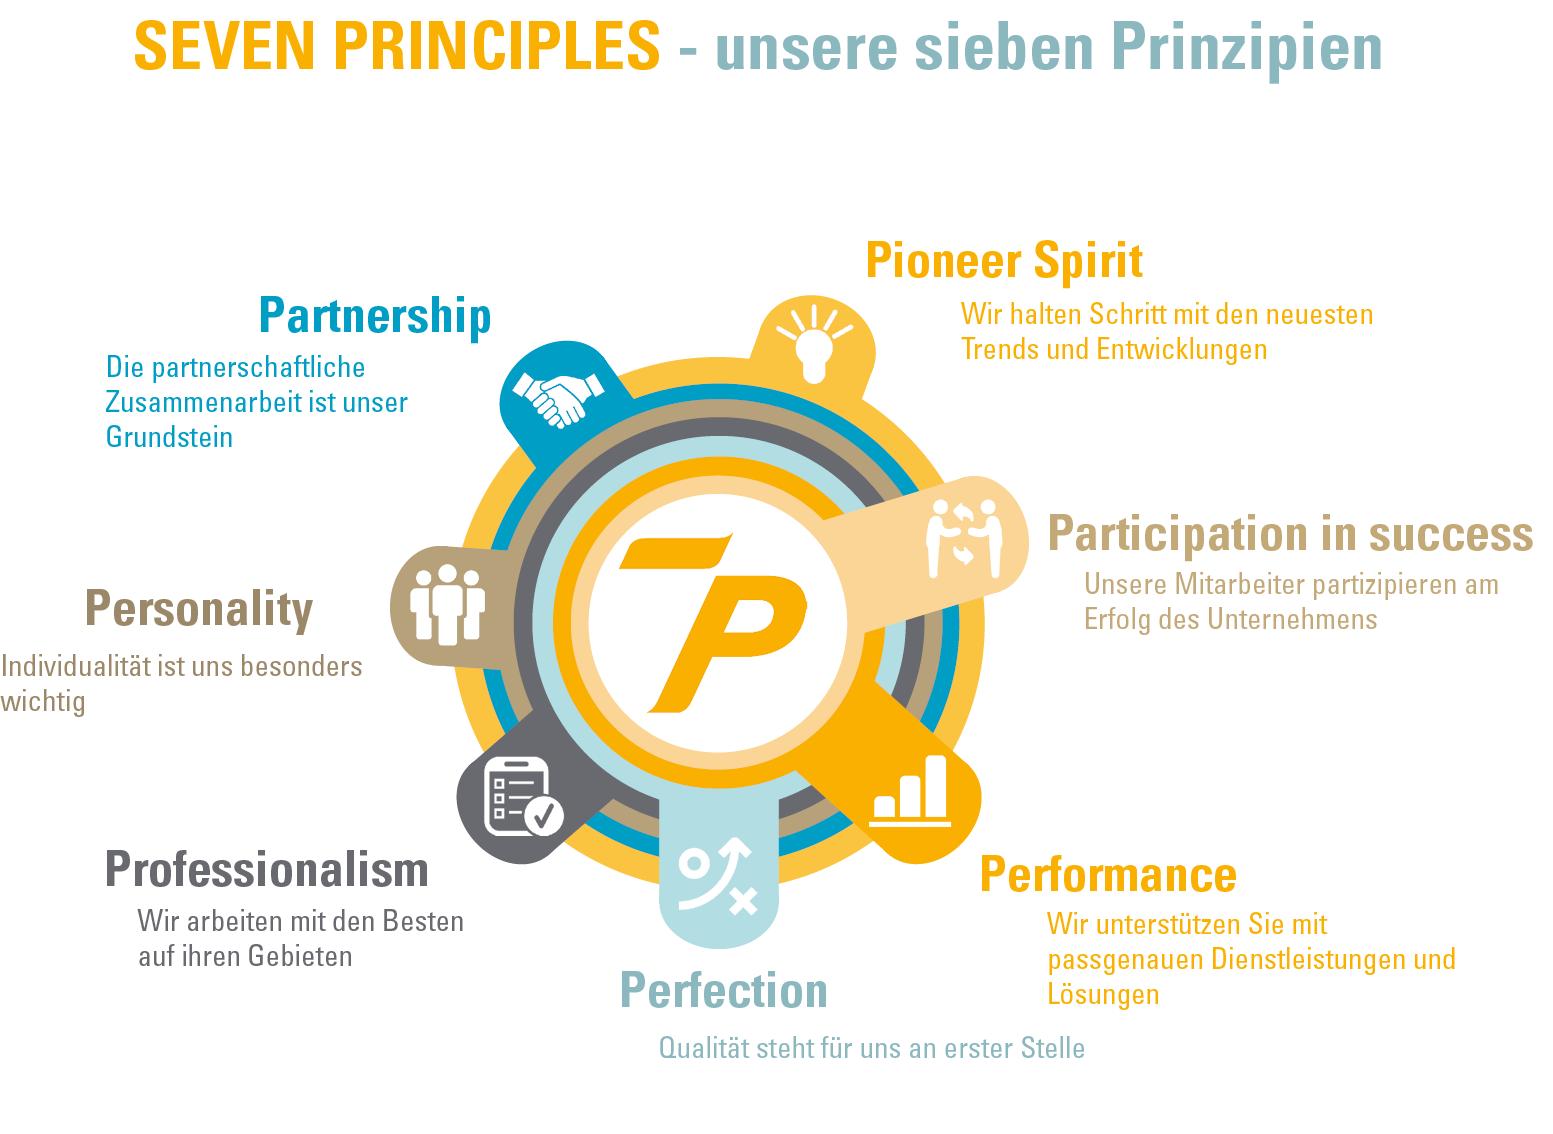 Sieben Prinzipien